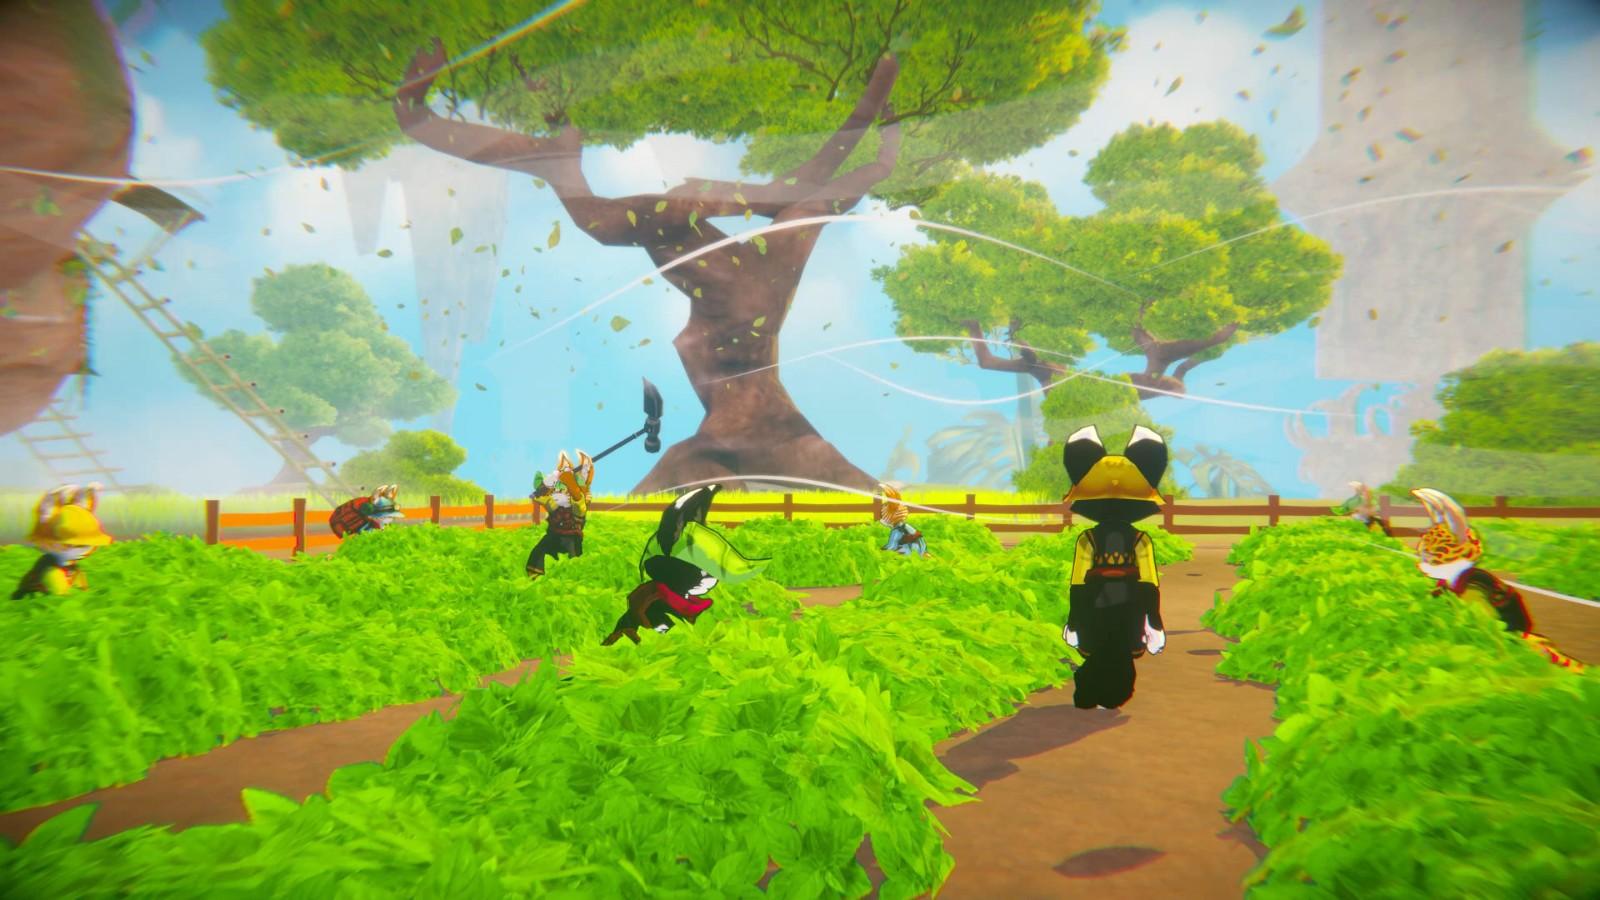 印尼高奇幻冒险游戏Project Buramato公布 2022年发售